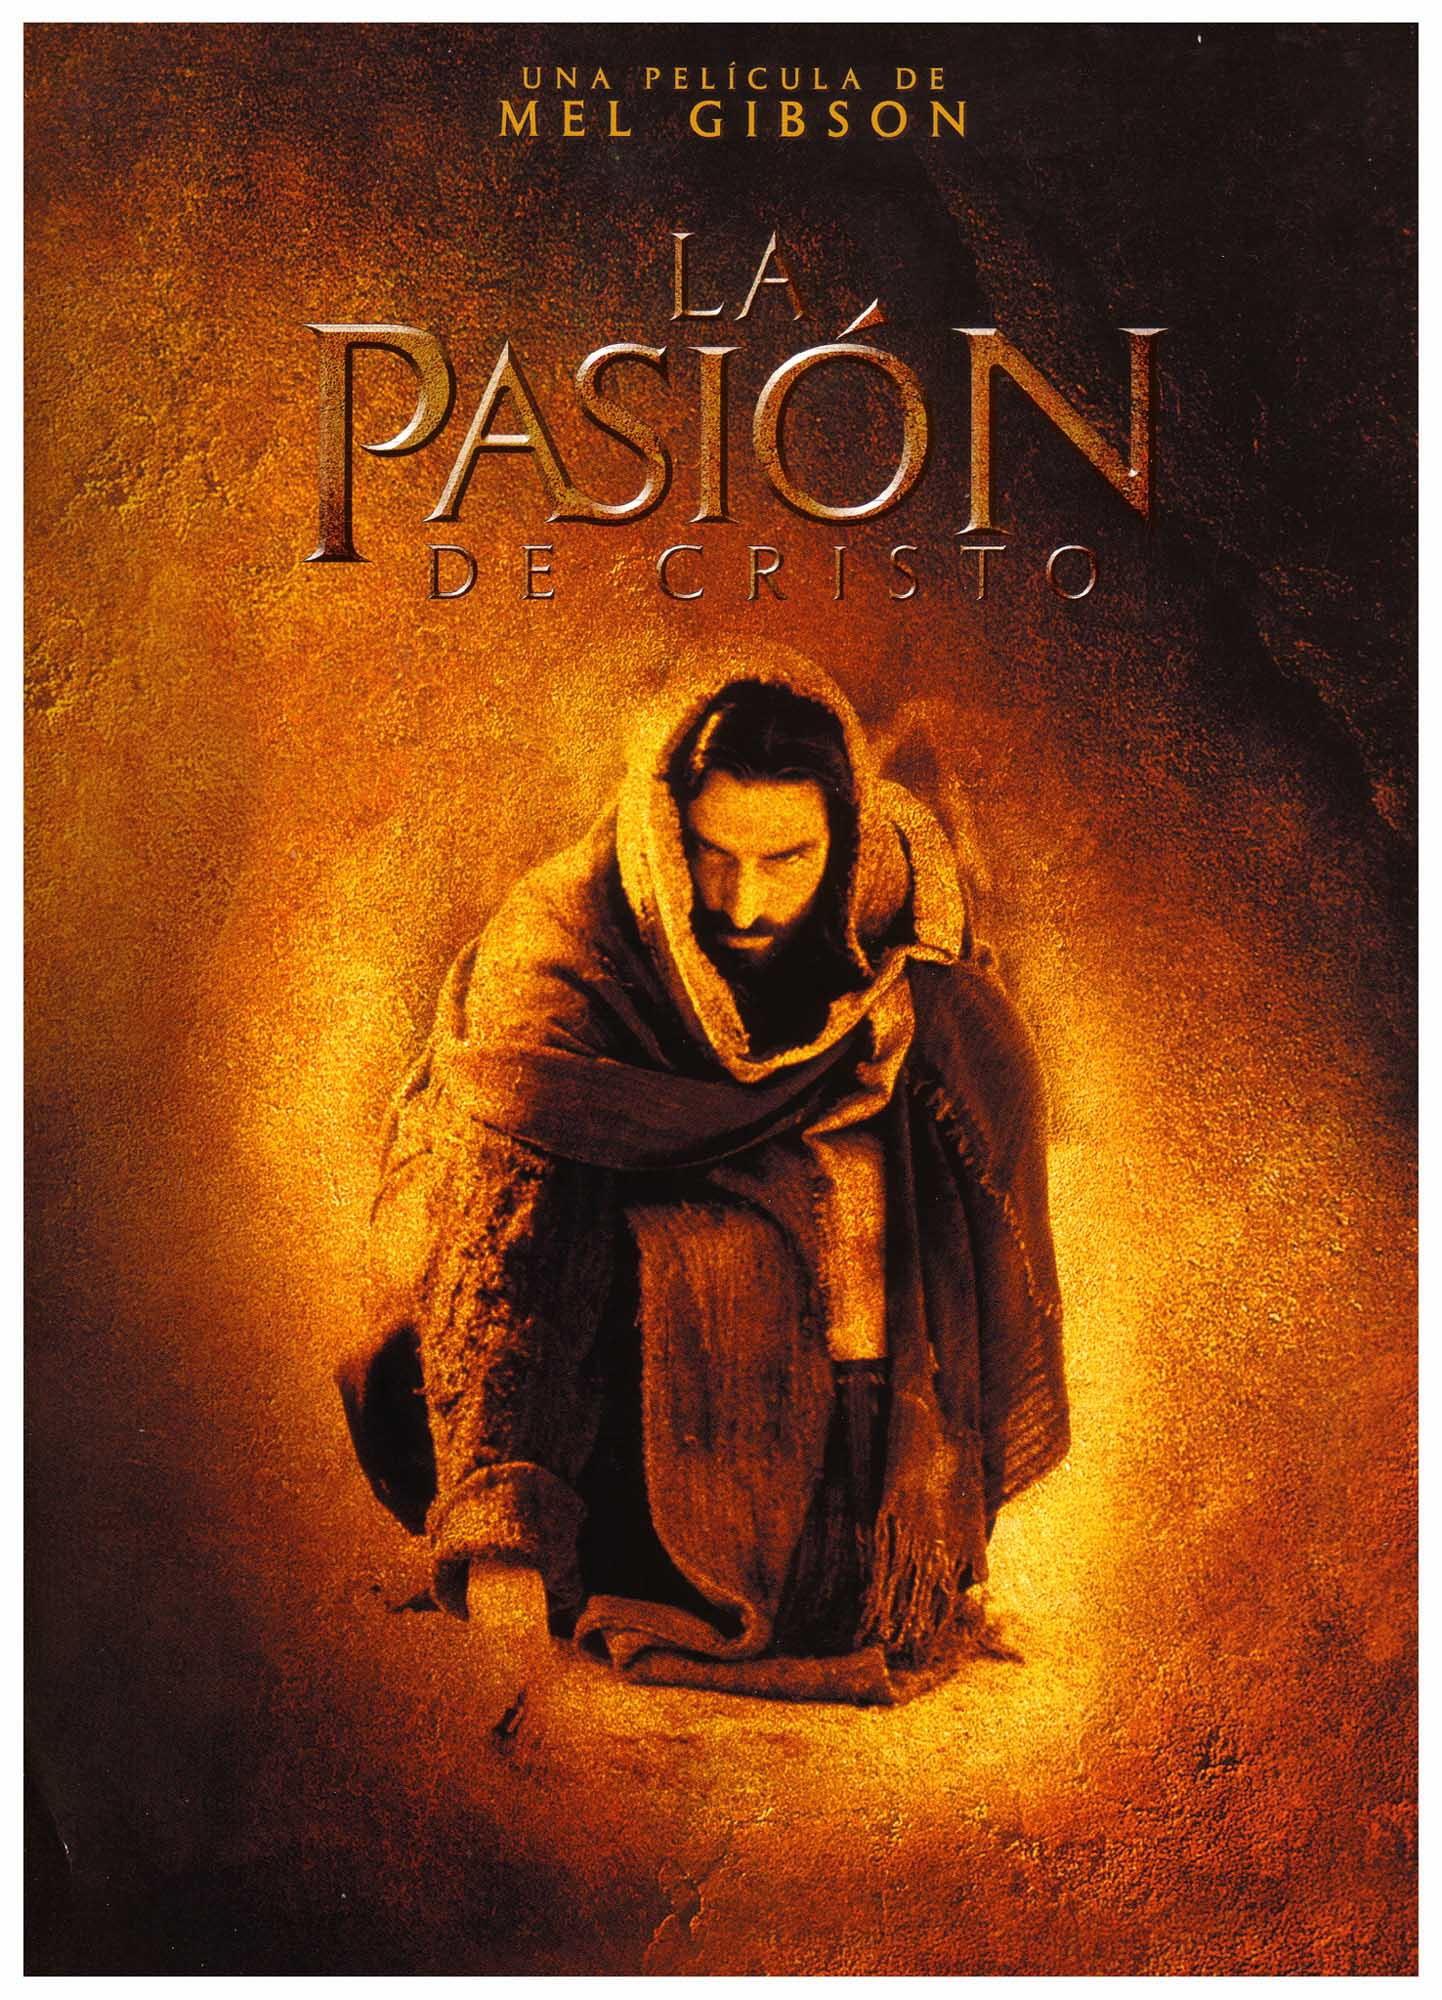 jesus pasion: